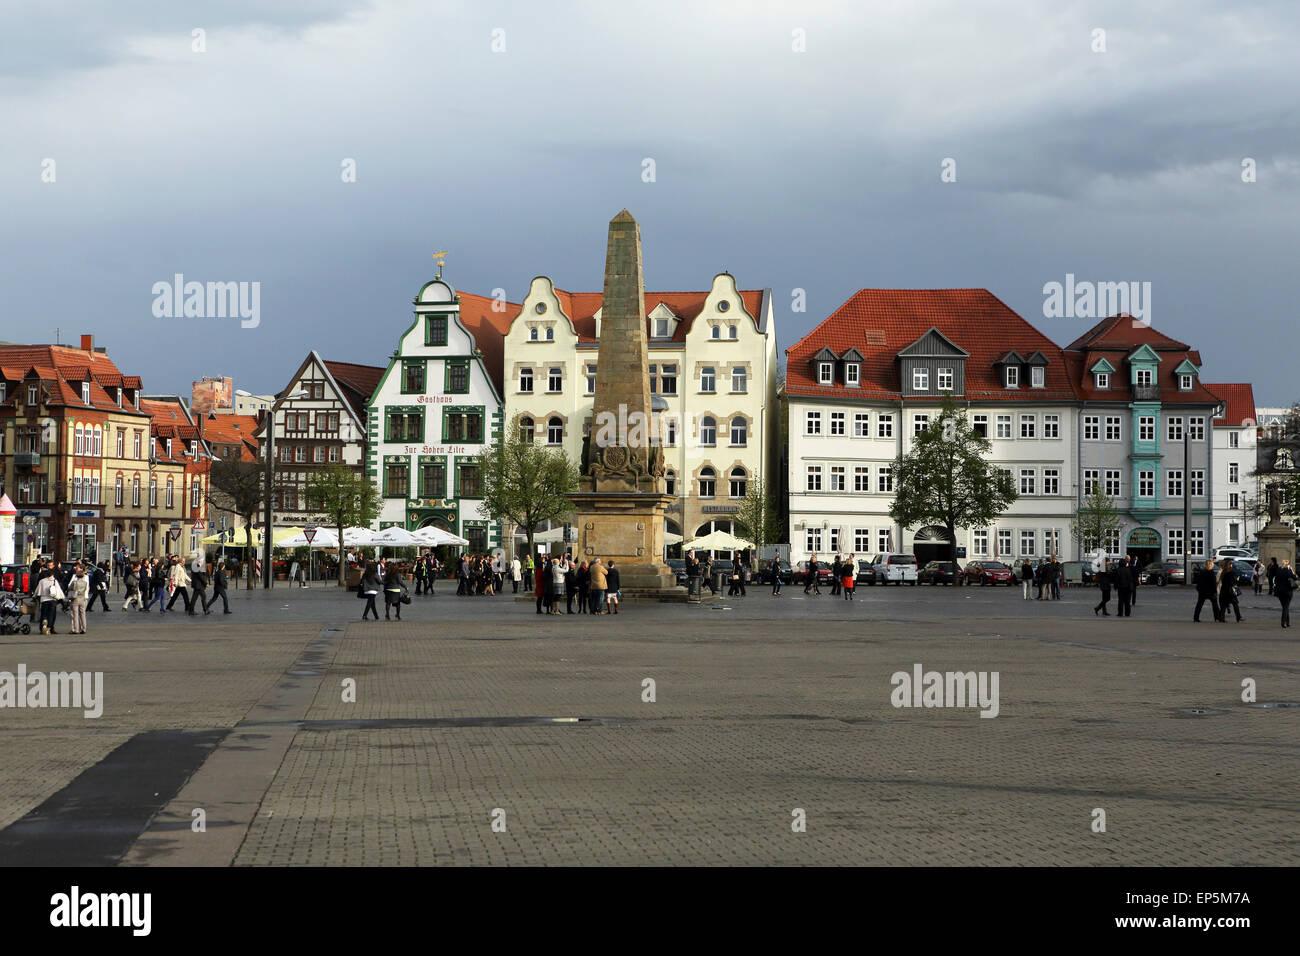 Gebäude rund um den Domplatz (Domplatz) in Erfurt, Deutschland. Ein Obelisk steht auf dem Platz. Stockbild